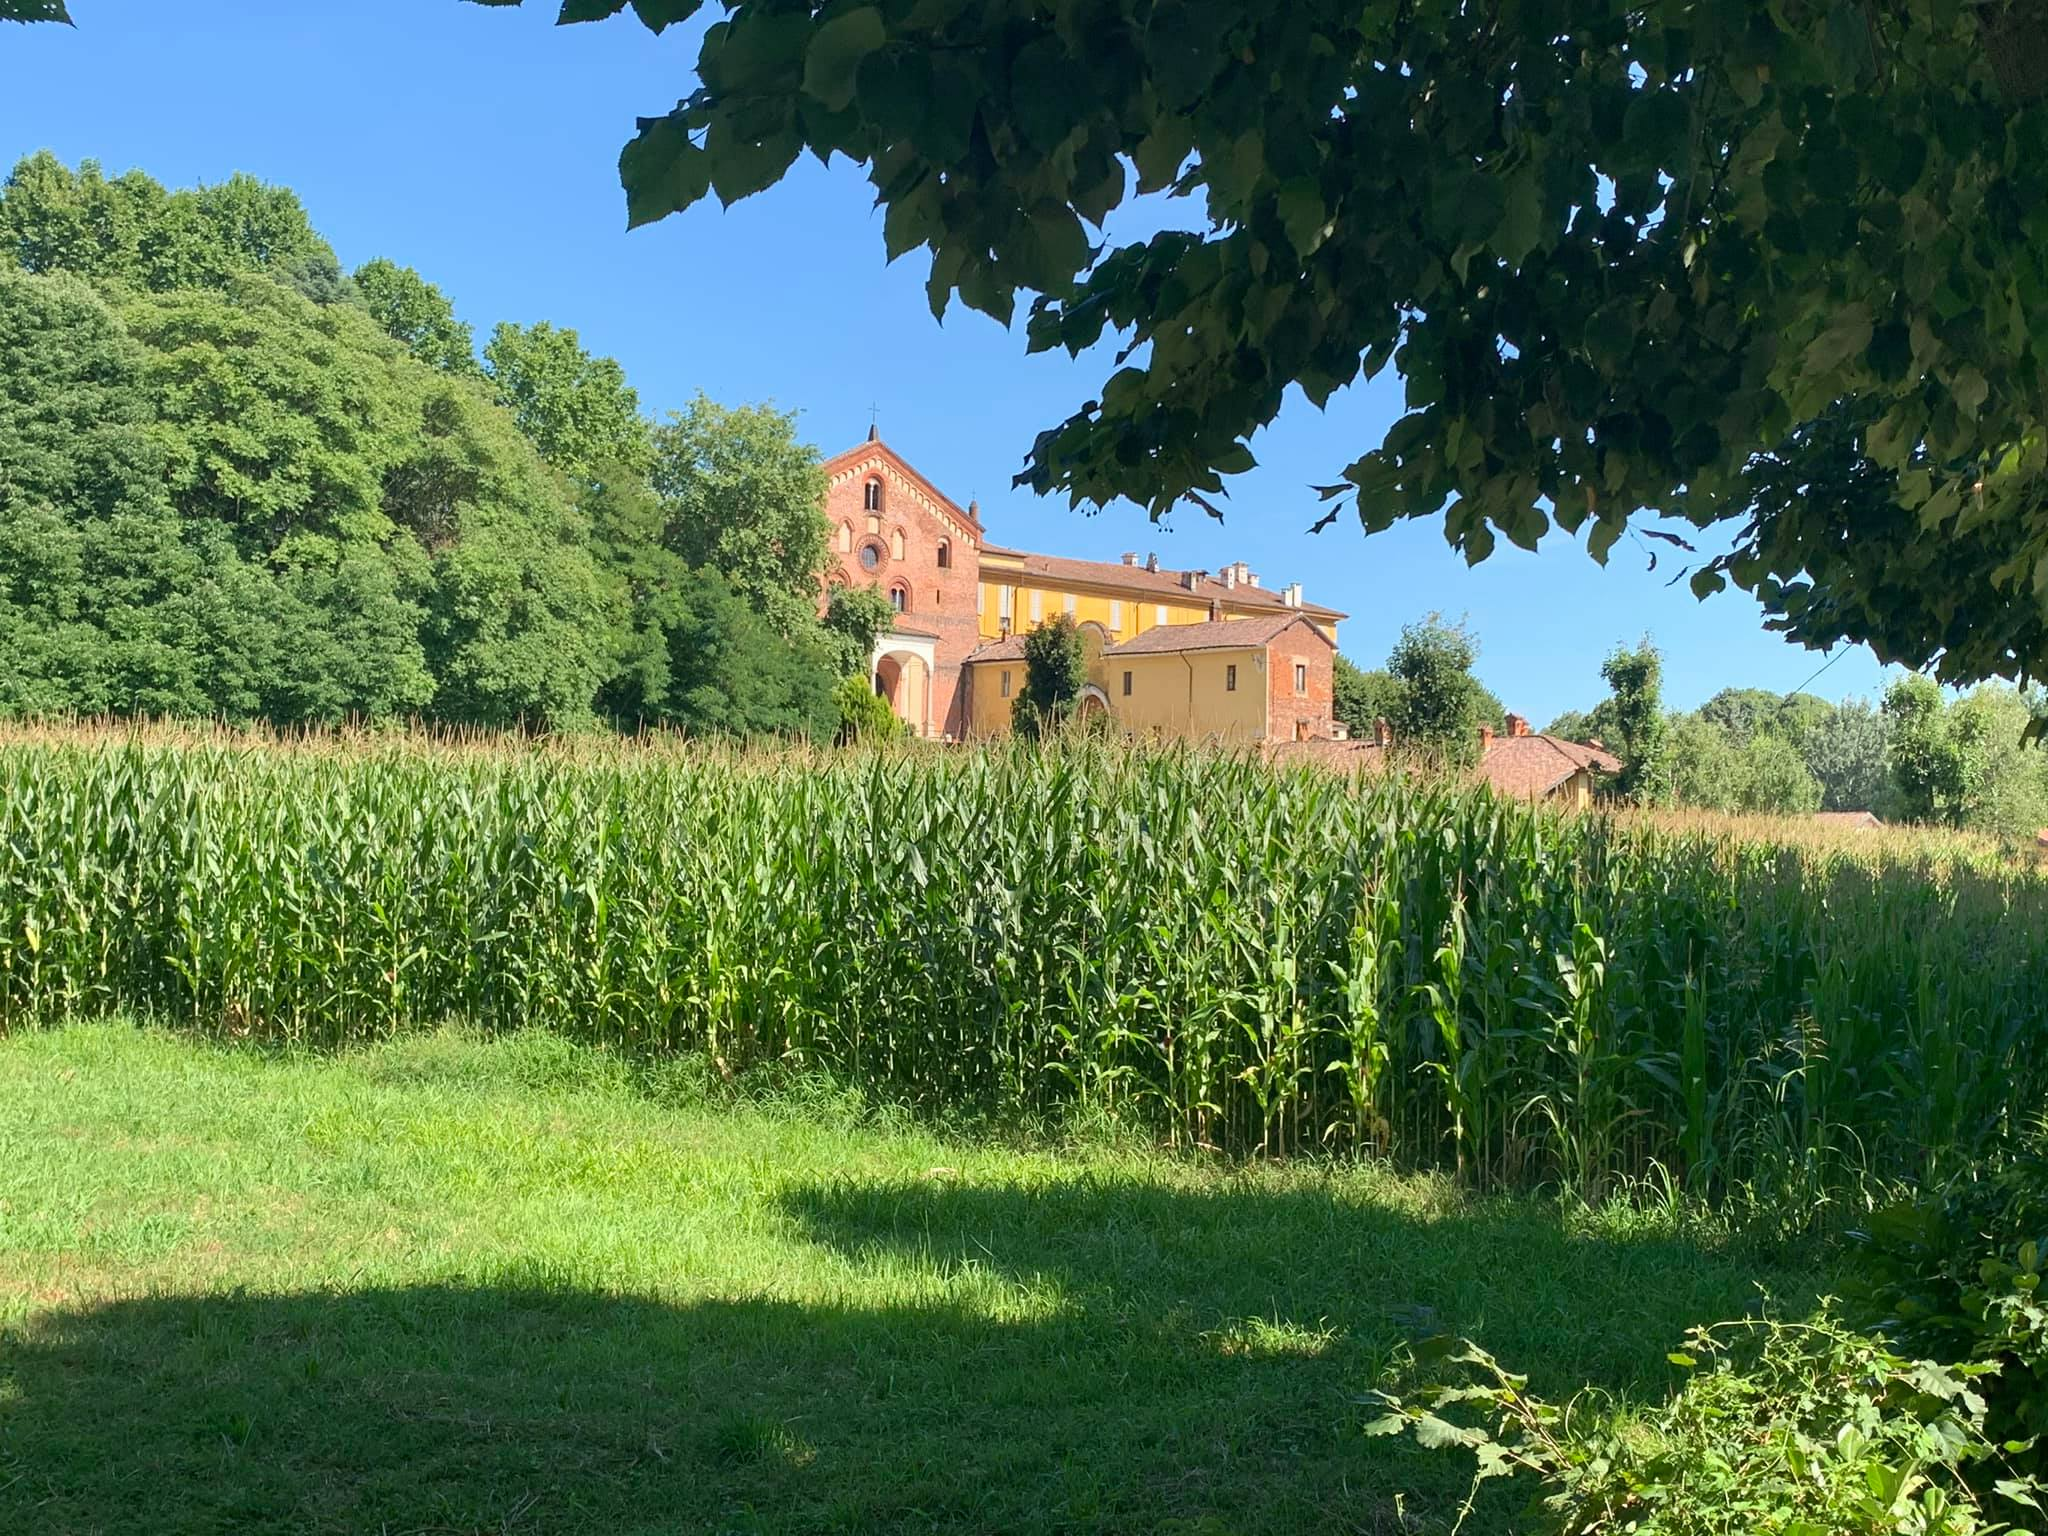 Morimondo, le Giornate Europee del Patrimonio il 26 e 27 settembre